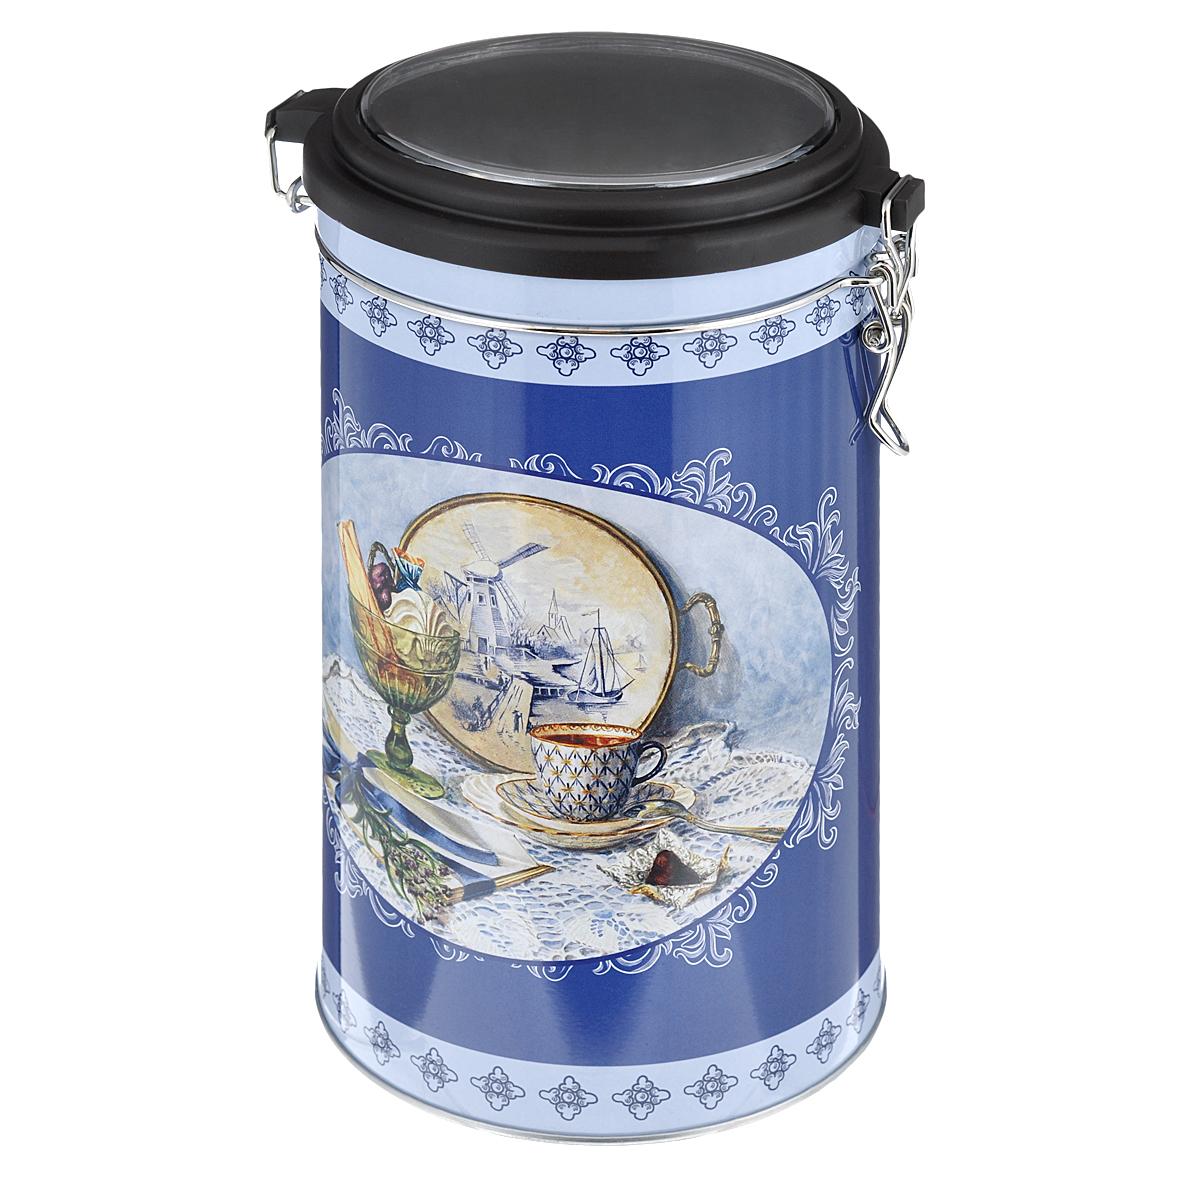 Банка для сыпучих продуктов Феникс-презент Синий натюрморт, 1,8 лVT-1520(SR)Банка для сыпучих продуктов Феникс-презент Синий натюрморт, изготовленная из окрашенного черного металла, оформлена ярким рисунком. Банка прекрасно подойдет для хранения различных сыпучих продуктов: специй, чая, кофе, сахара, круп и многого другого. Емкость плотно закрывается прозрачной пластиковой крышкой на металлический замок. Благодаря этому она будет дольше сохранять свежесть ваших продуктов.Функциональная и вместительная, такая банка станет незаменимым аксессуаром на любой кухне. Нельзя мыть в посудомоечной машине.Объем банки: 1,8 л.Высота банки (без учета крышки): 17,4 см. Диаметр банки (по верхнему краю): 10,5 см.